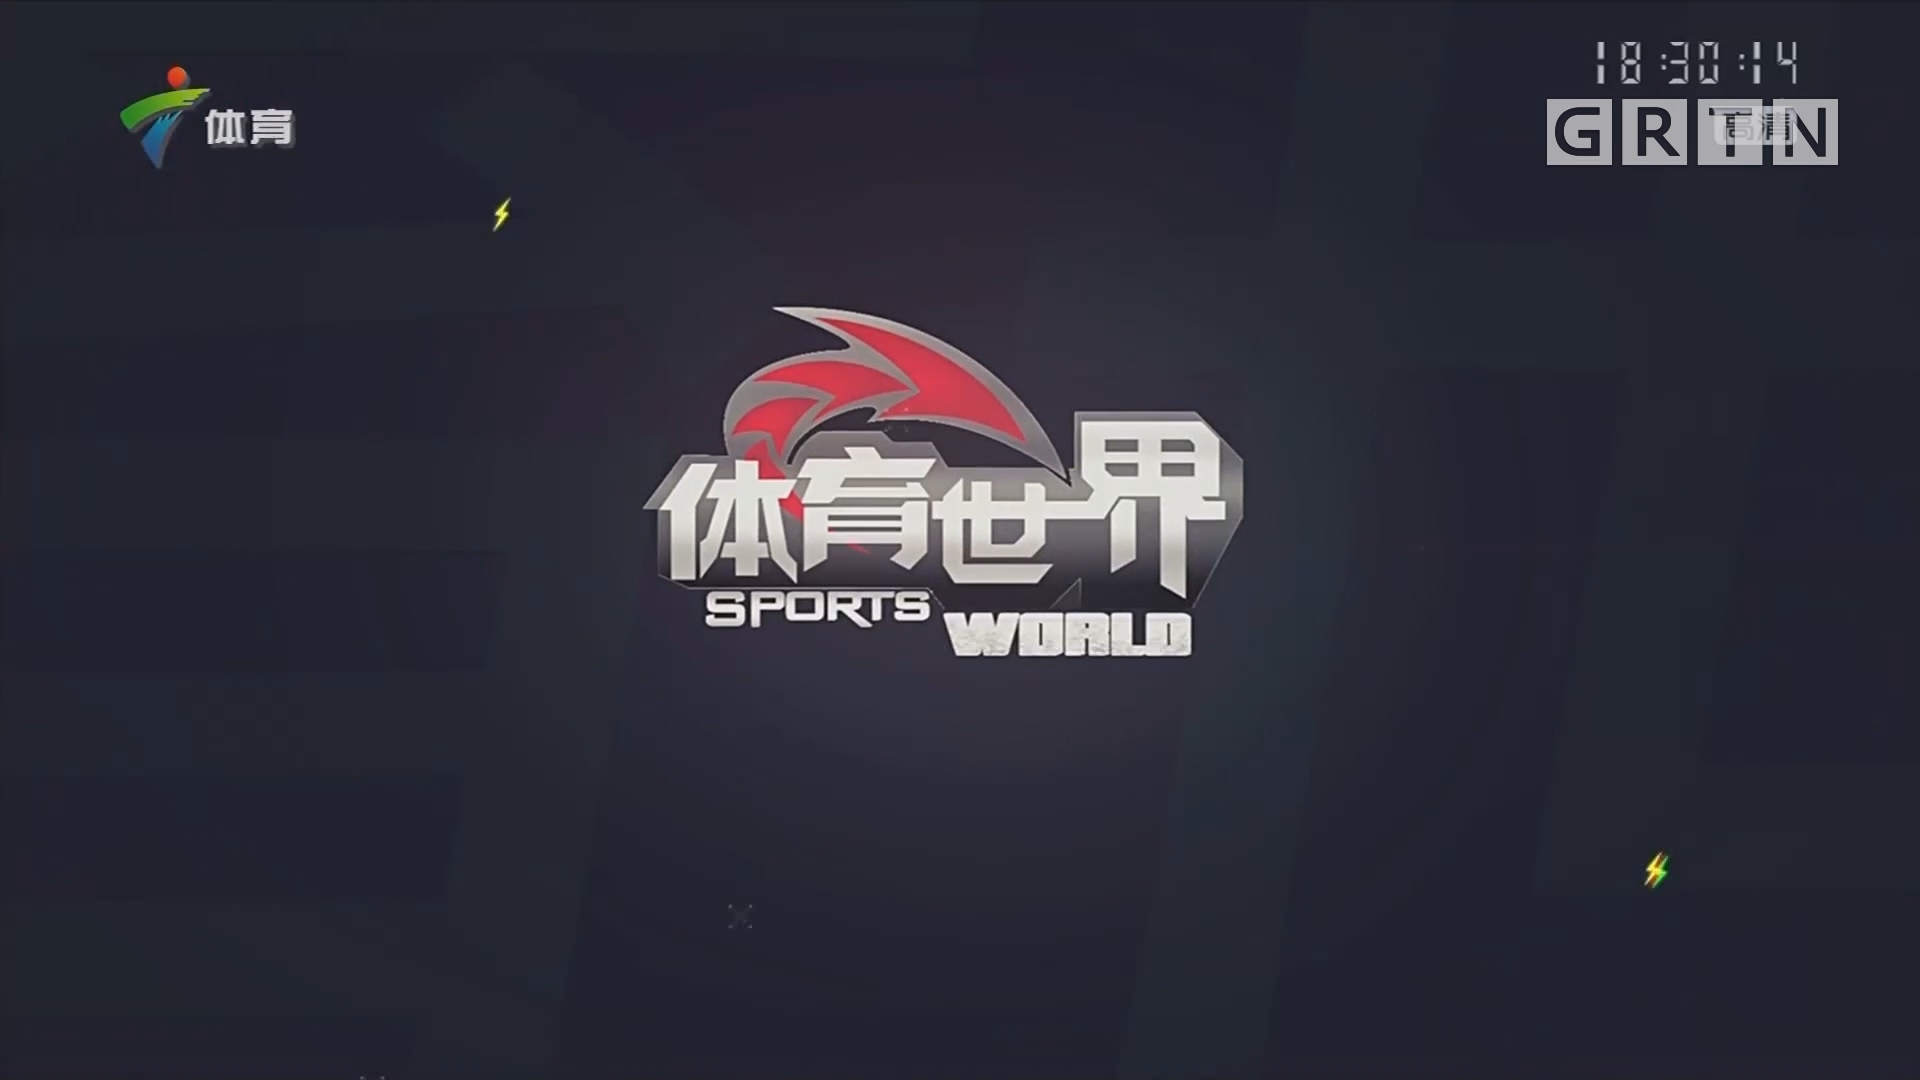 [HD][2019-10-02]体育世界:历史最佳 谢震业获男子200米第七名!